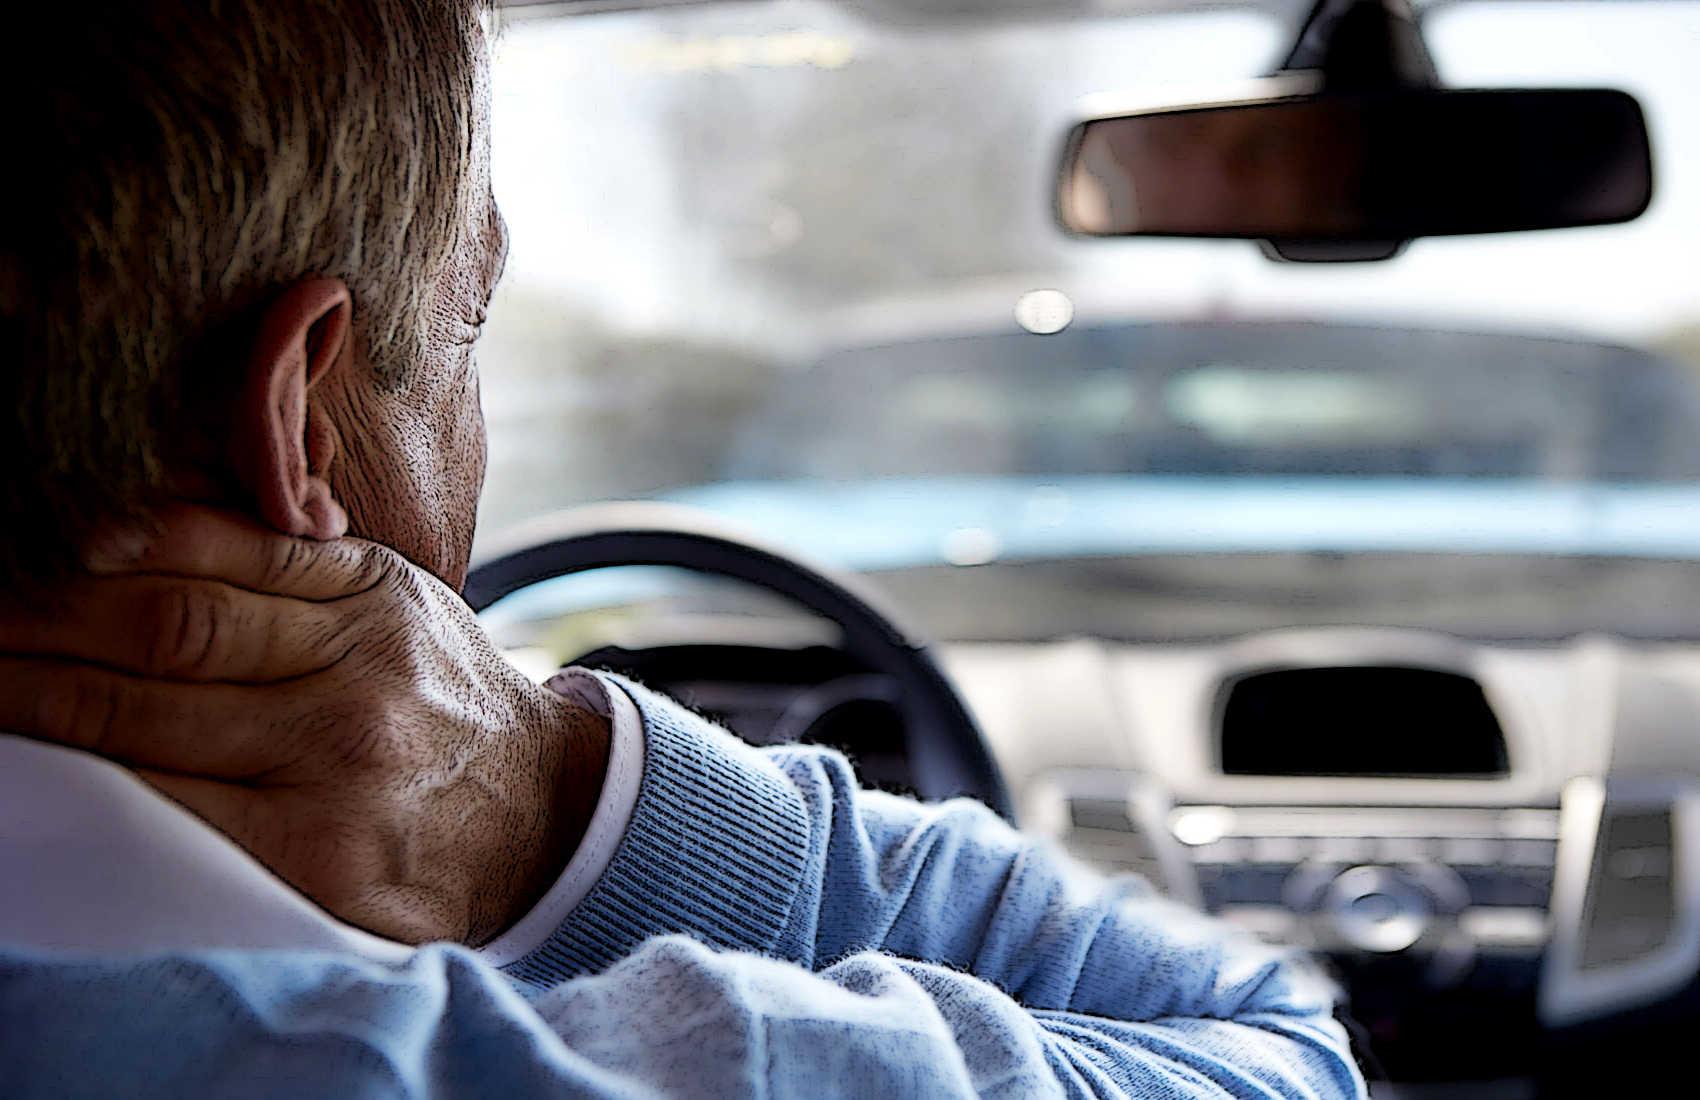 Guy-Holding-Neck-in-Car-1700x1100